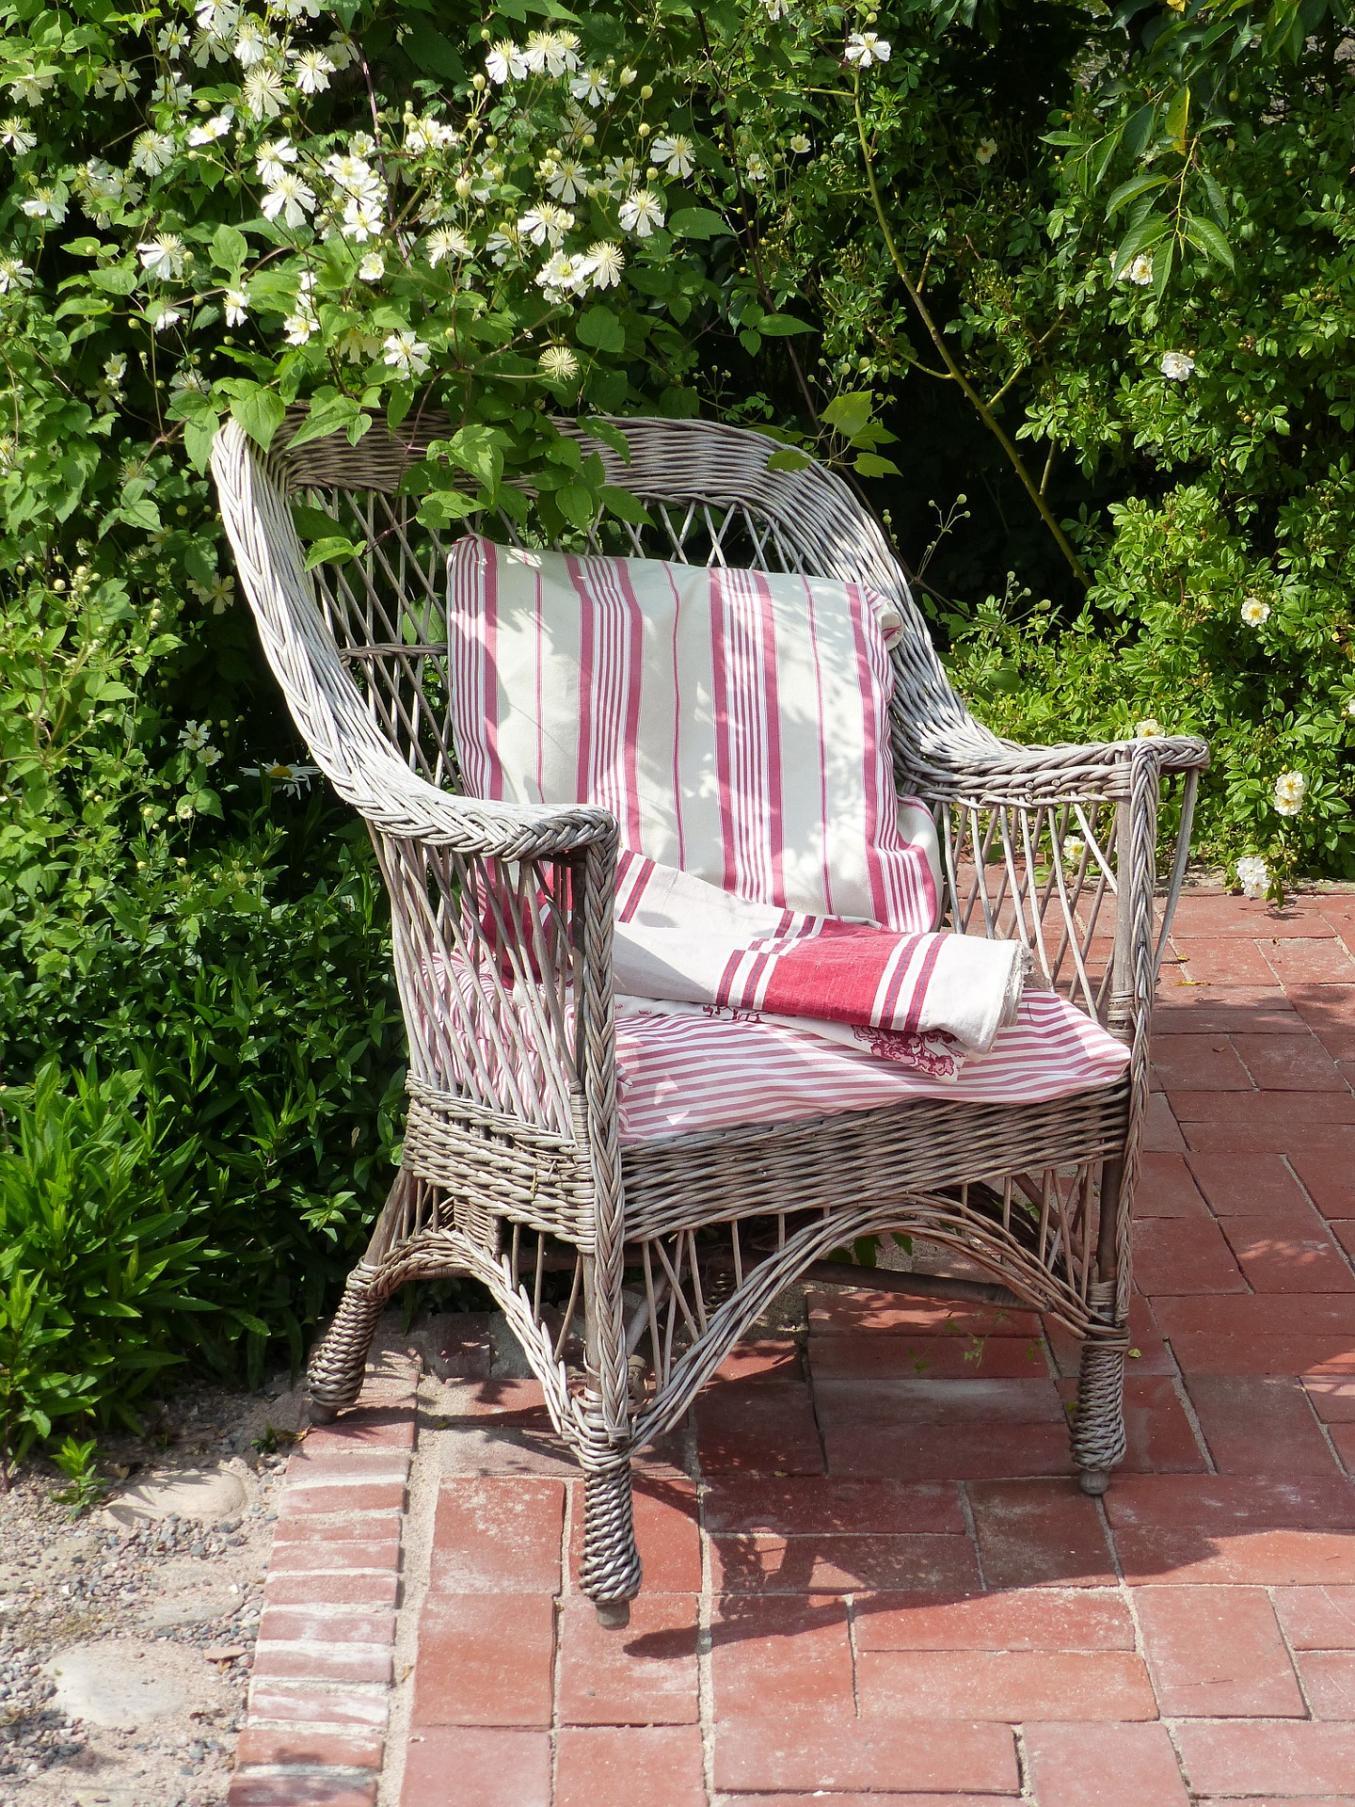 Korituoli pensaan vieressä ja tuolilla on punavalkoraidallinen kangas